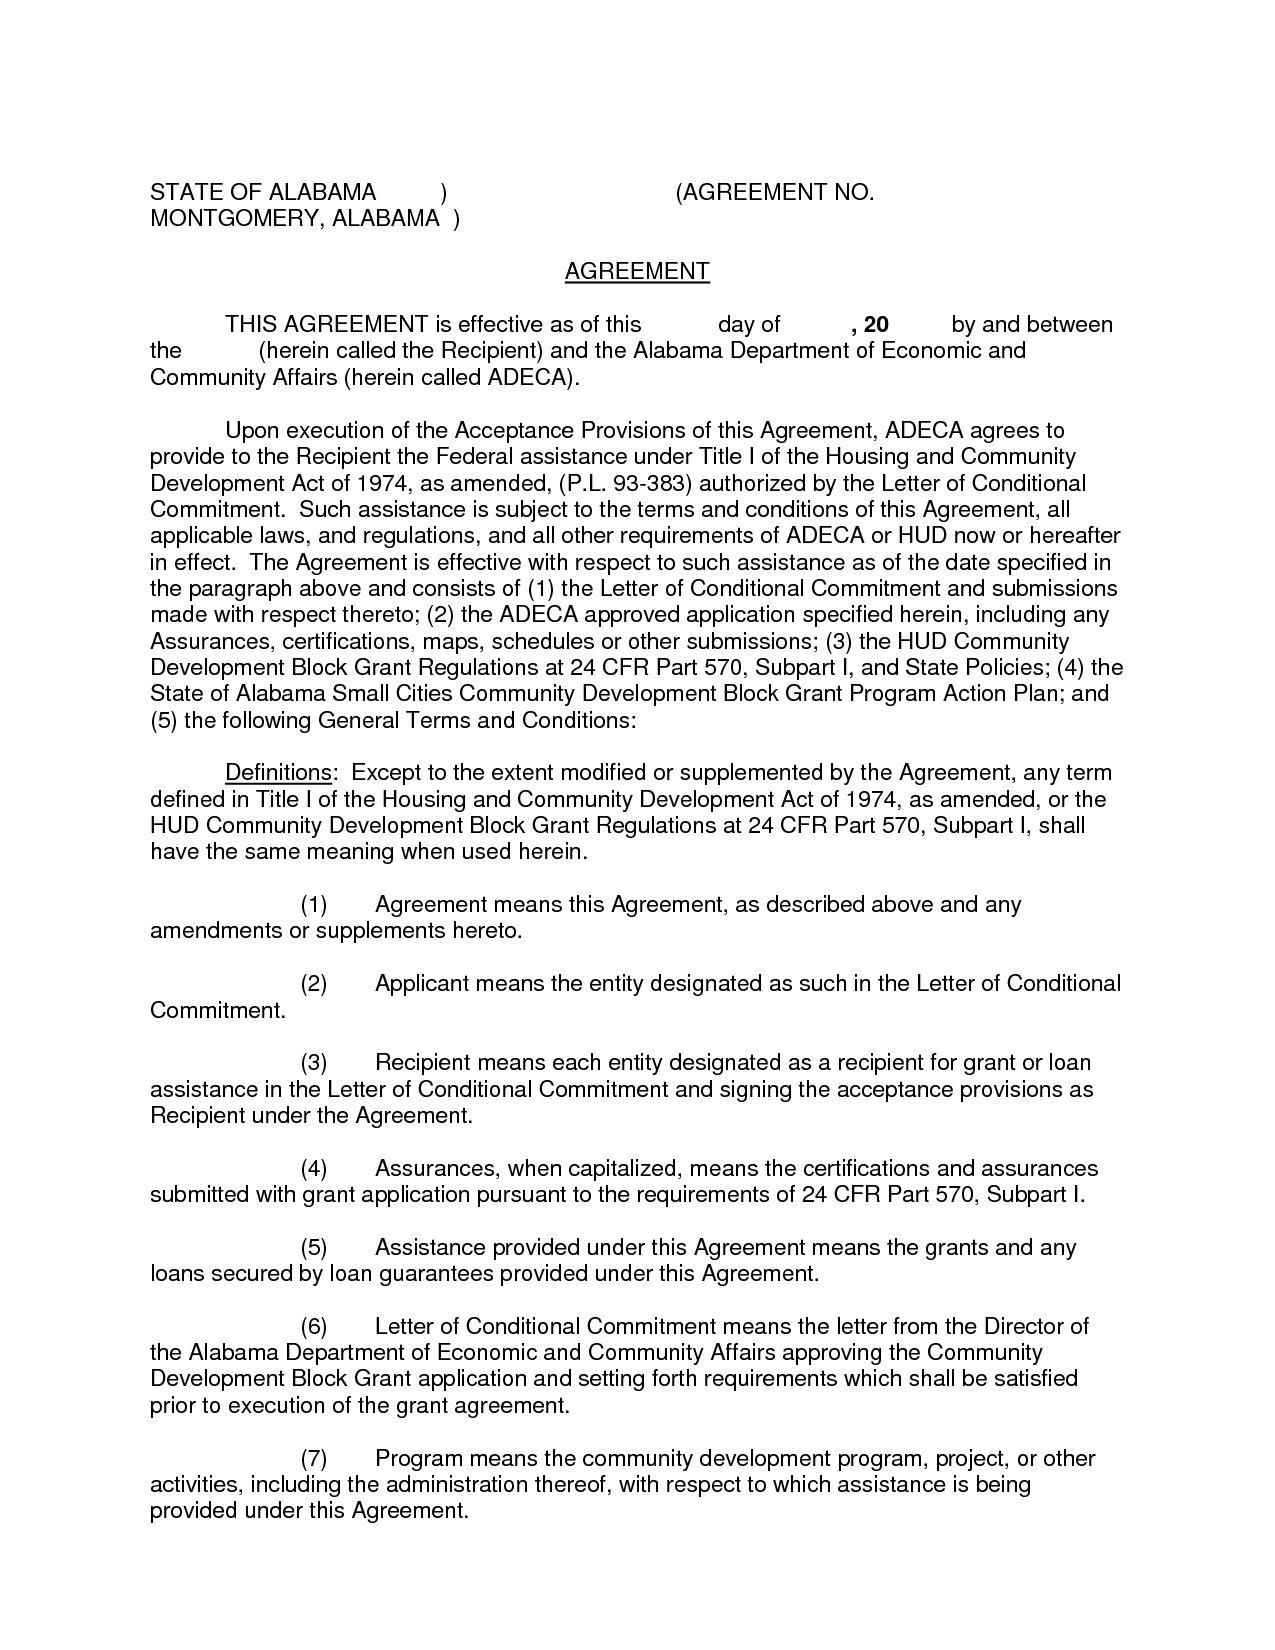 Debt Settlement Agreement Letter Template Examples  Letter Template Pertaining To Negotiated Settlement Agreement Sample